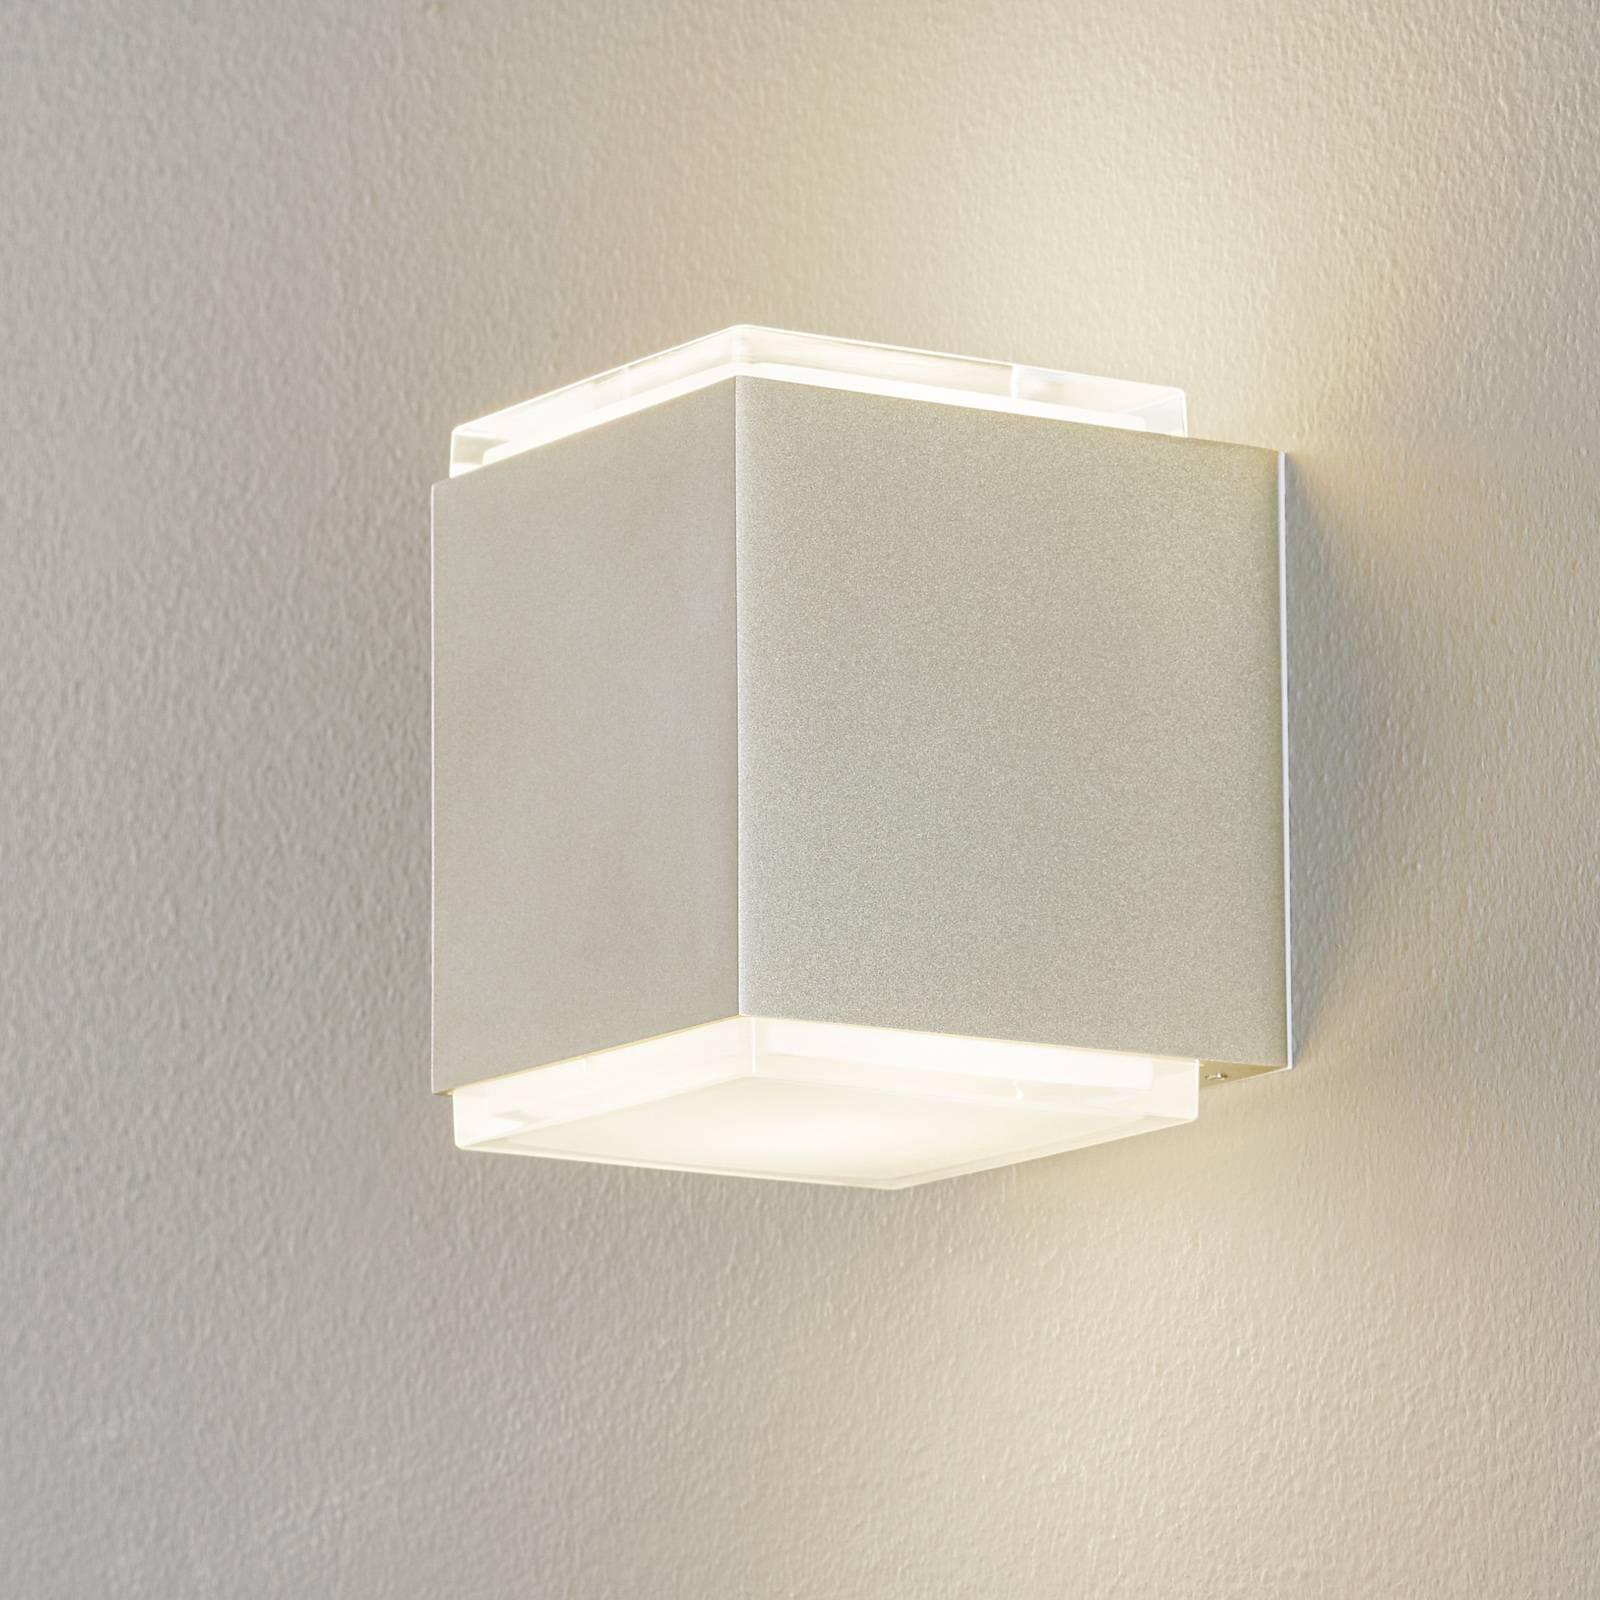 BEGA 50064 LED-seinälamppu 3000K 12cm palladium